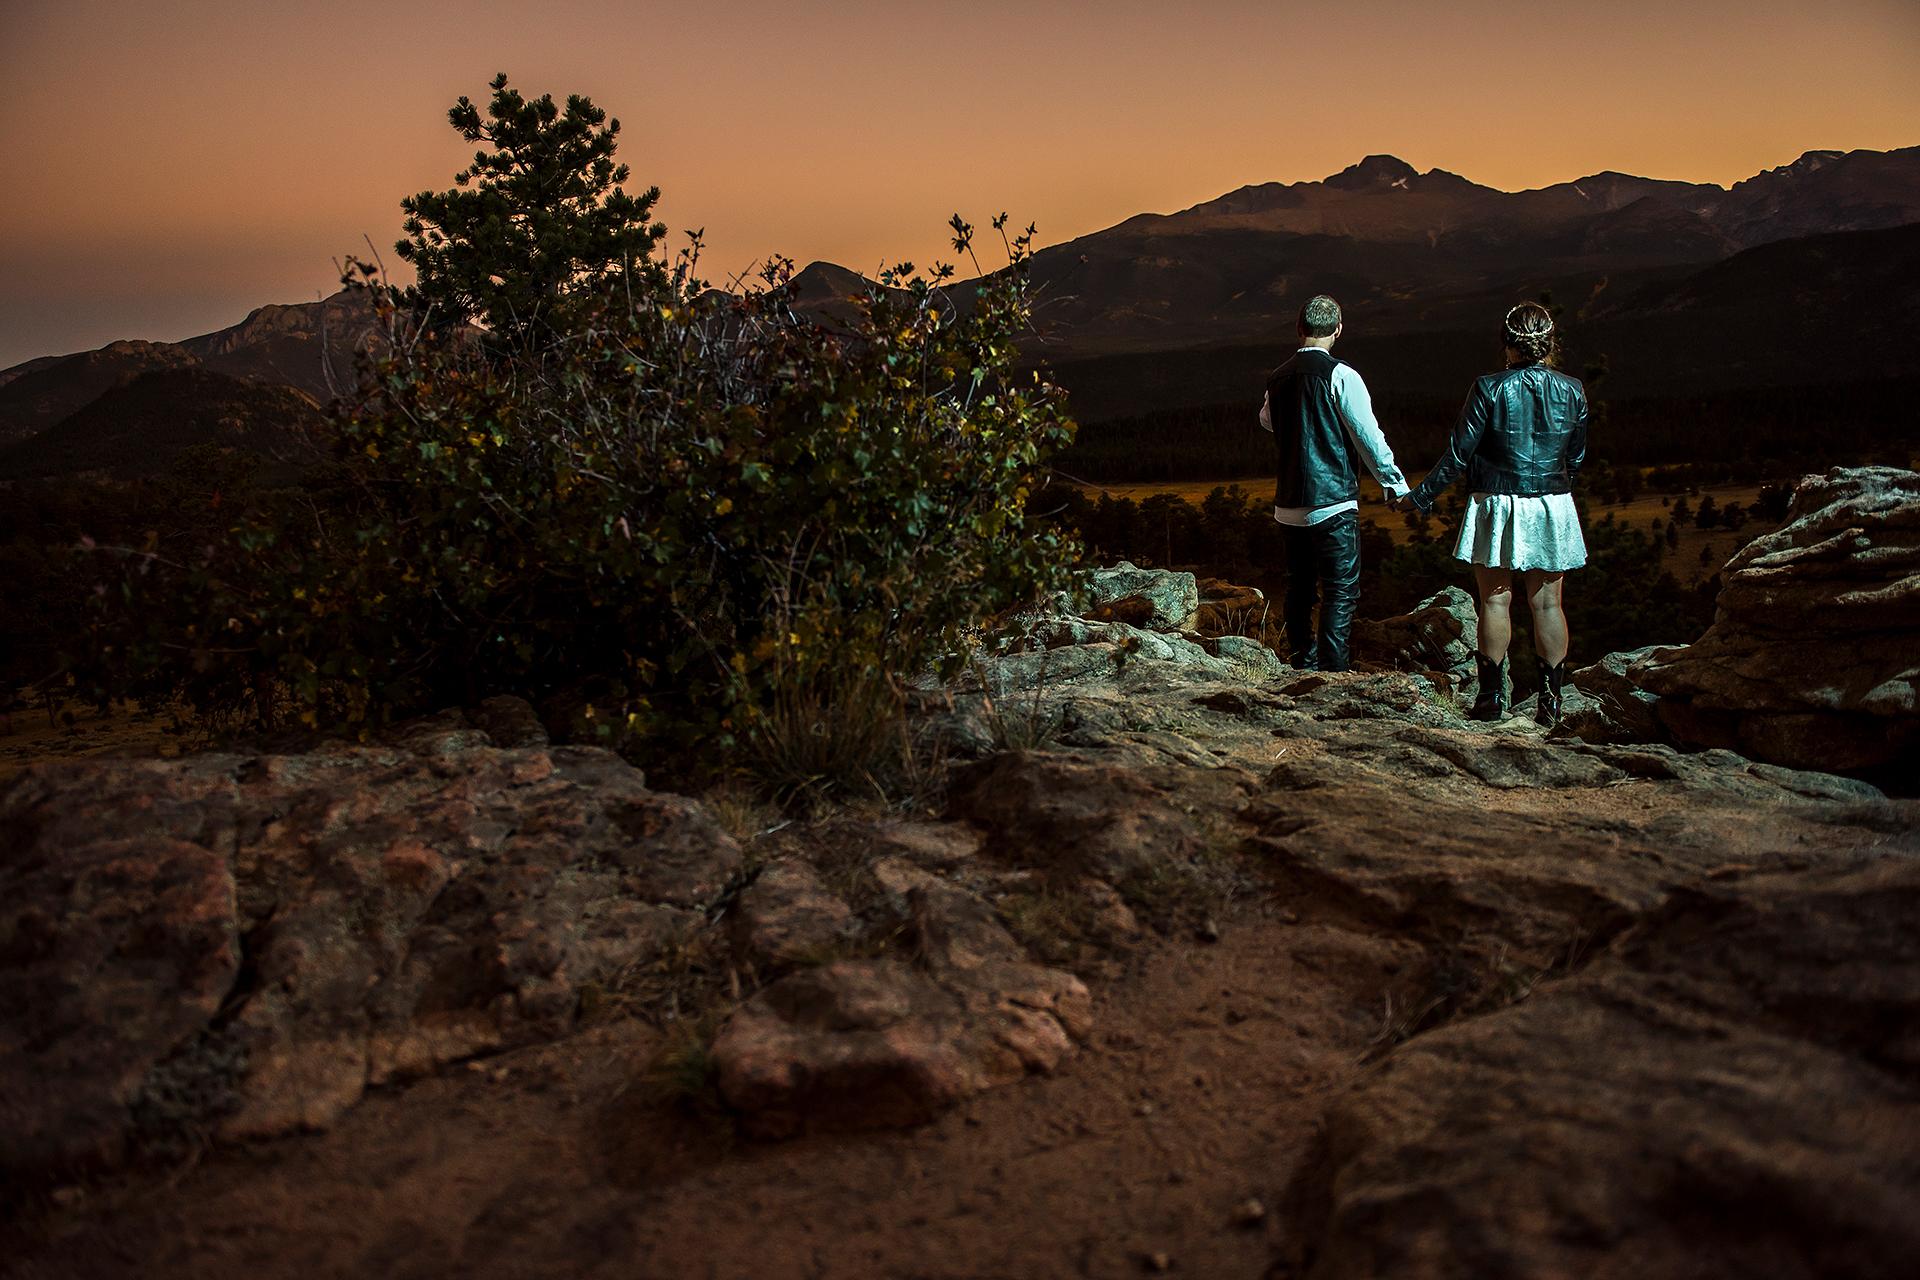 CO Wedding Couple Portrait Photo | Estes Park wedding elopement portrait